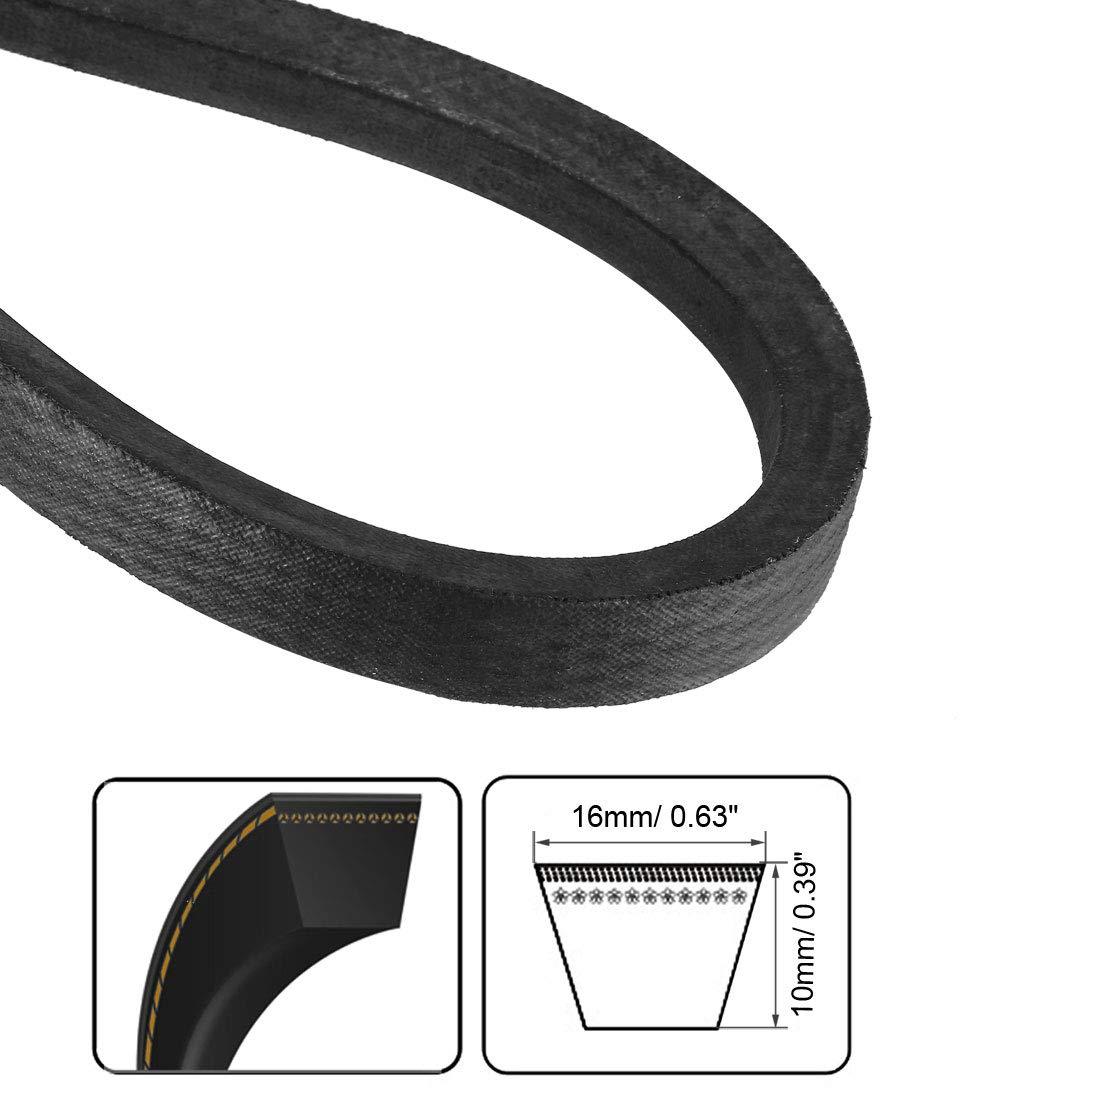 uxcell B-600//B24 Drive V-Belt Inner Girth 24-inch Industrial Power Rubber Transmission Belt